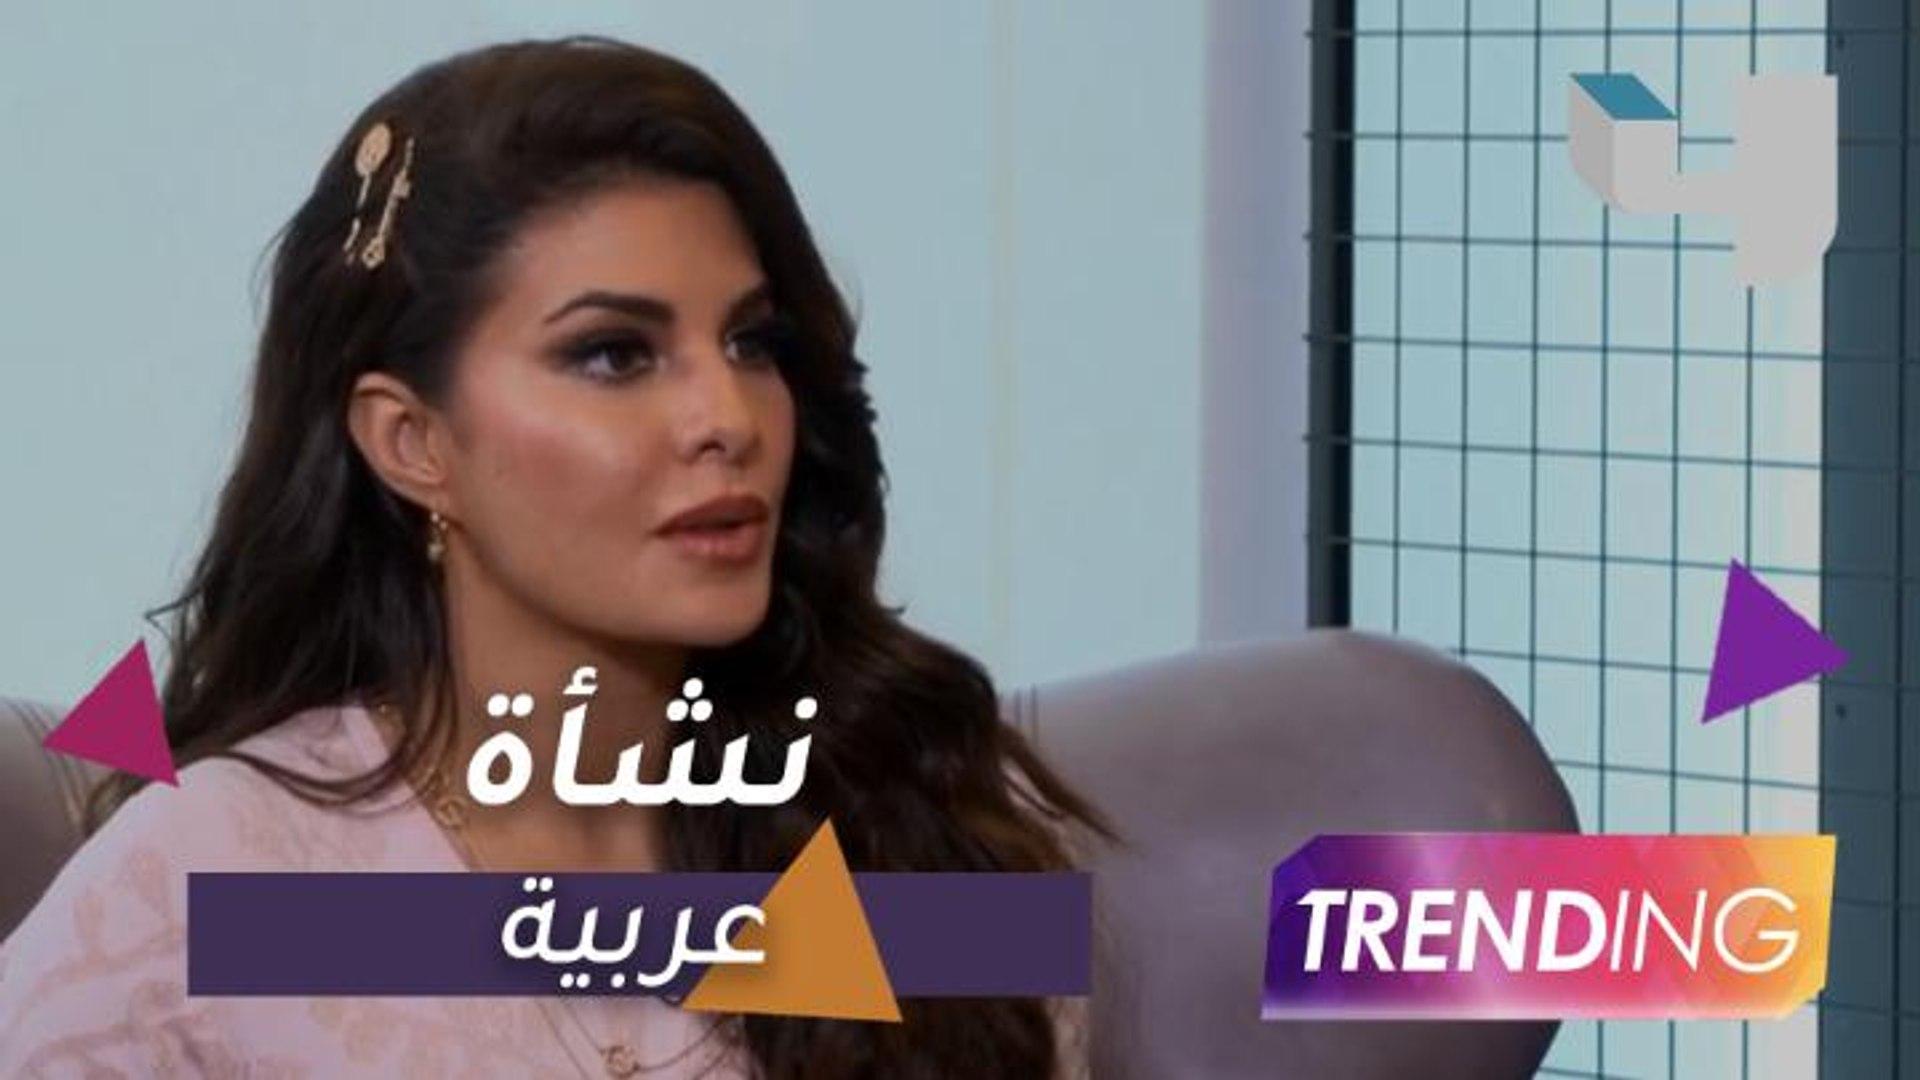 جاكلين فيرنانديز تتحدث عن الموضة ونشأتها في البحرين